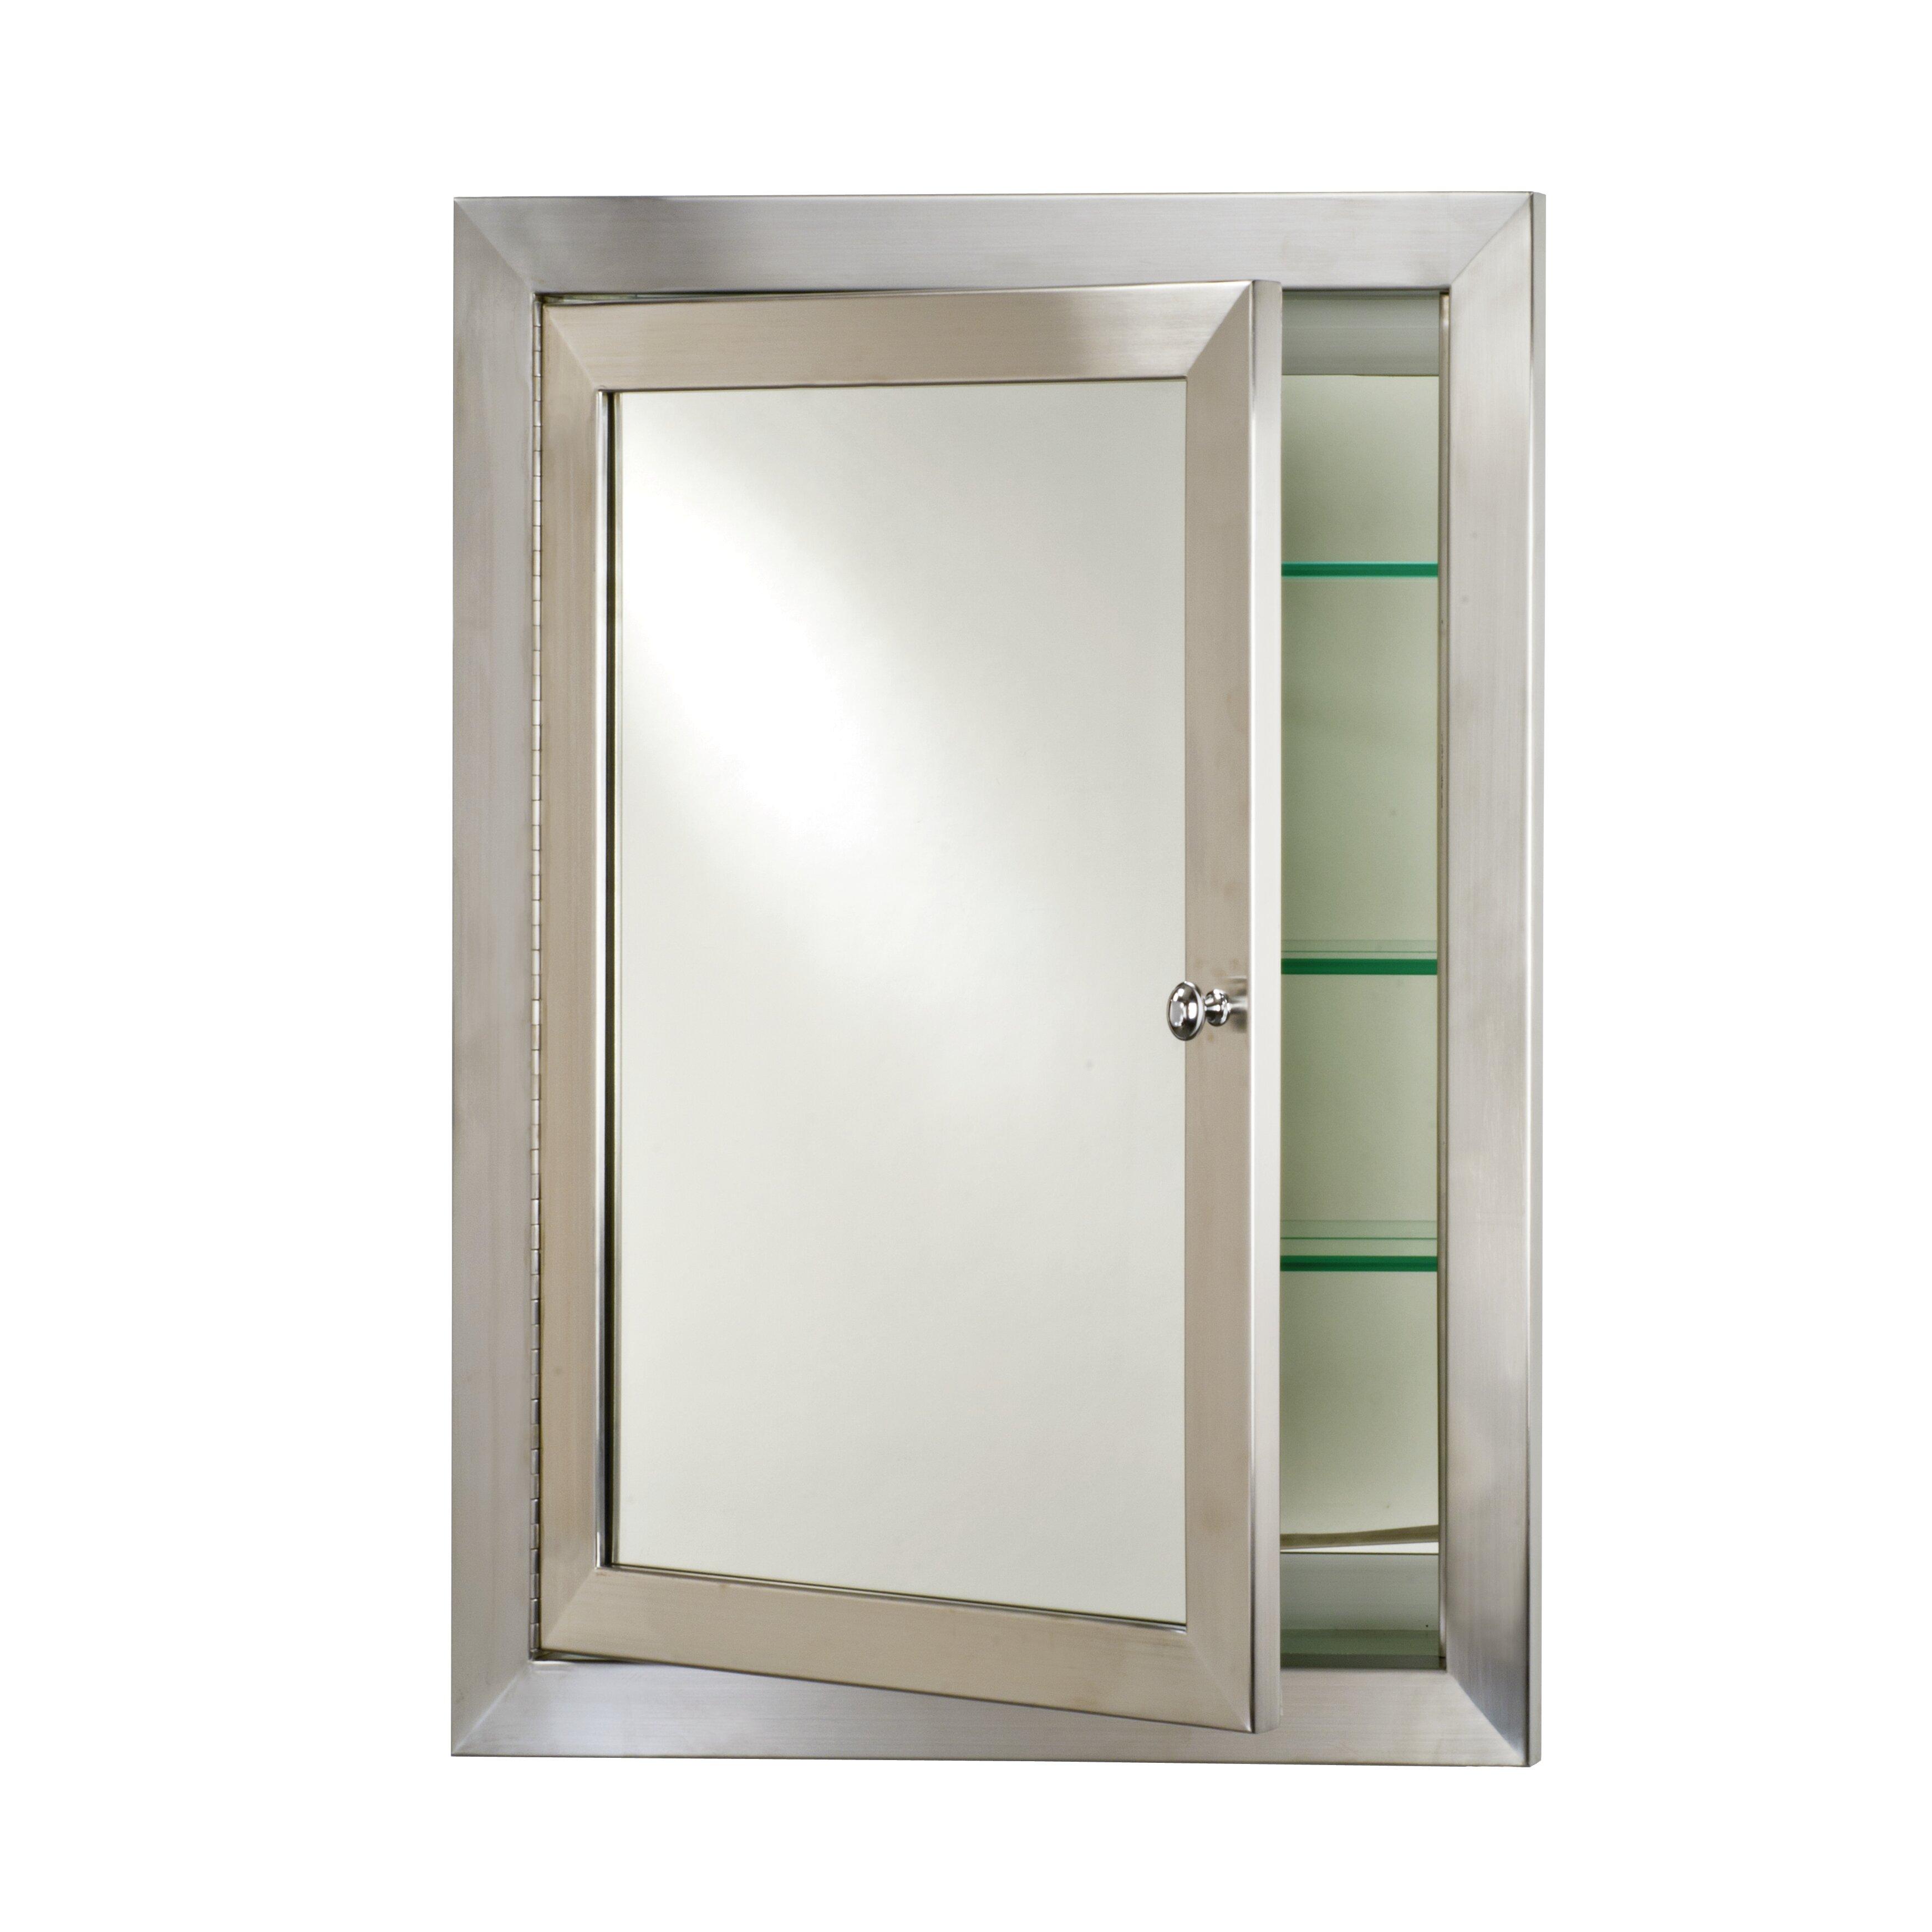 Recessed Bathroom Medicine Cabinets Deep Medicine Cabinet Wayfair